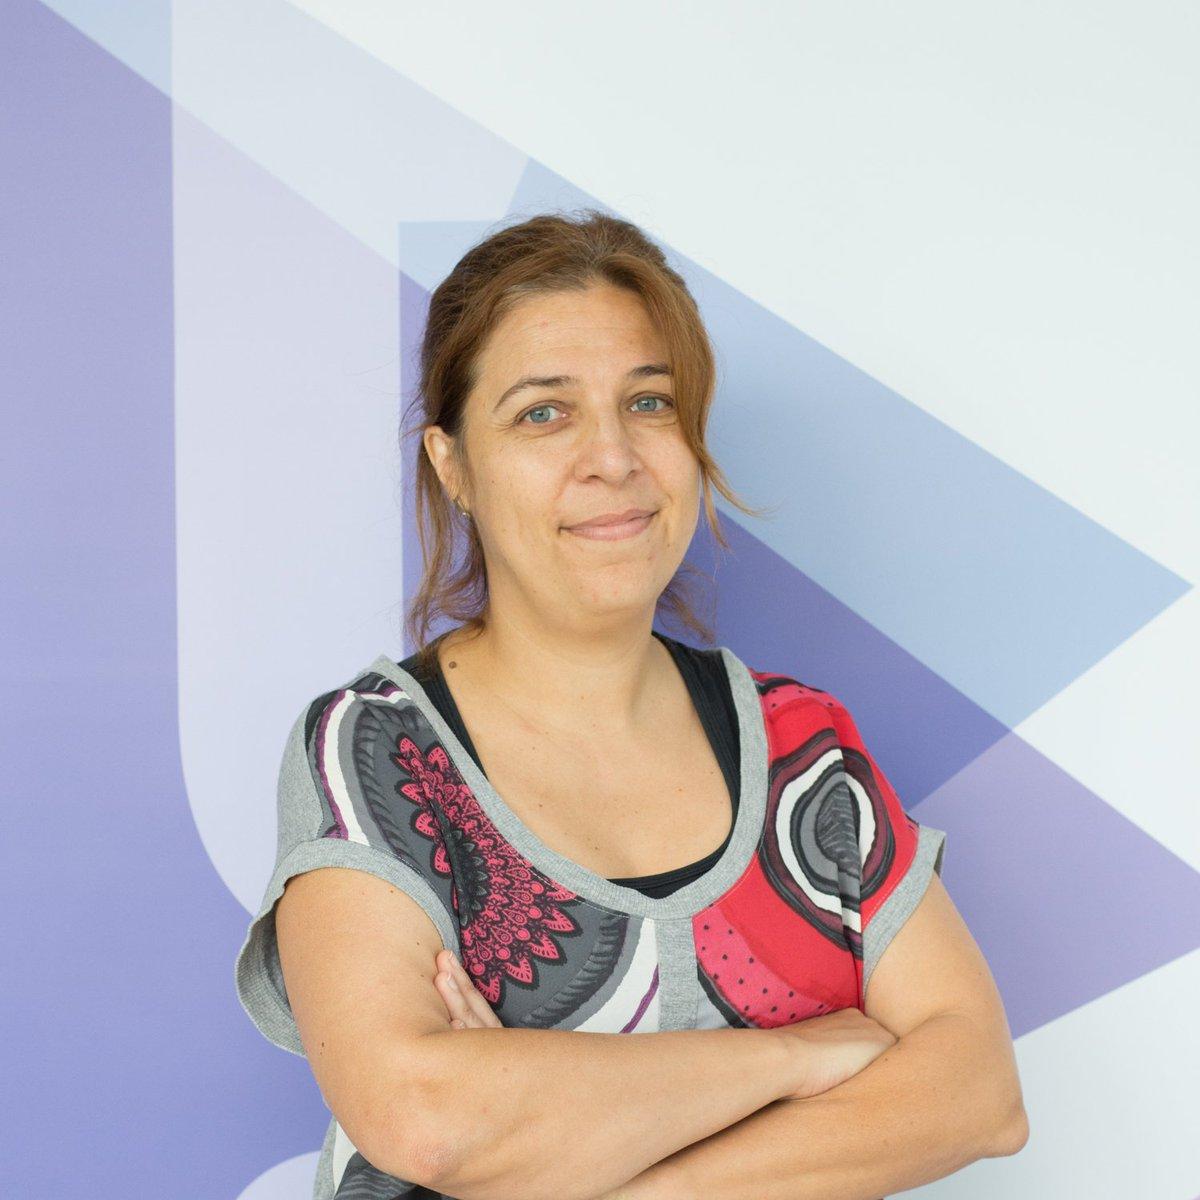 Ajuntament de Reus's photo on #WomenScienceDay